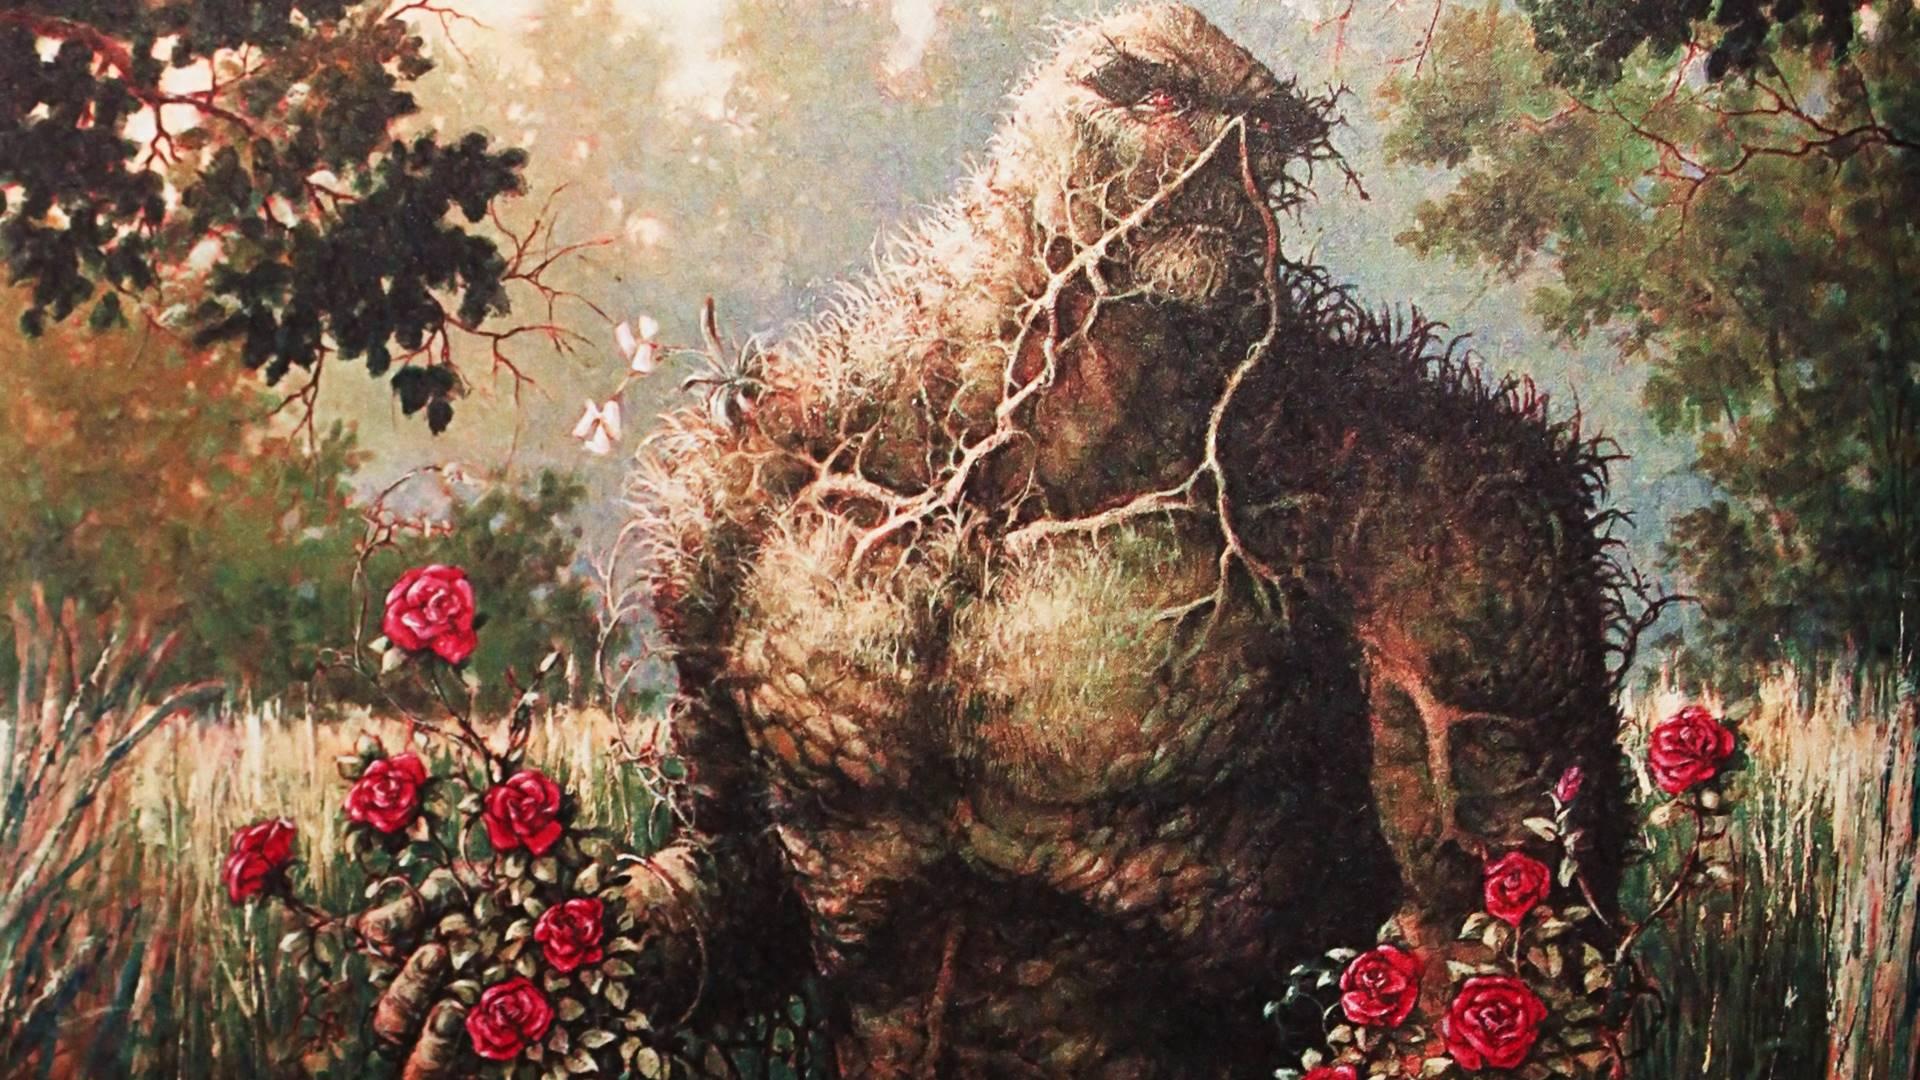 Una de las mejores obras del maestro Alan Moore. La Cosa del Pantano